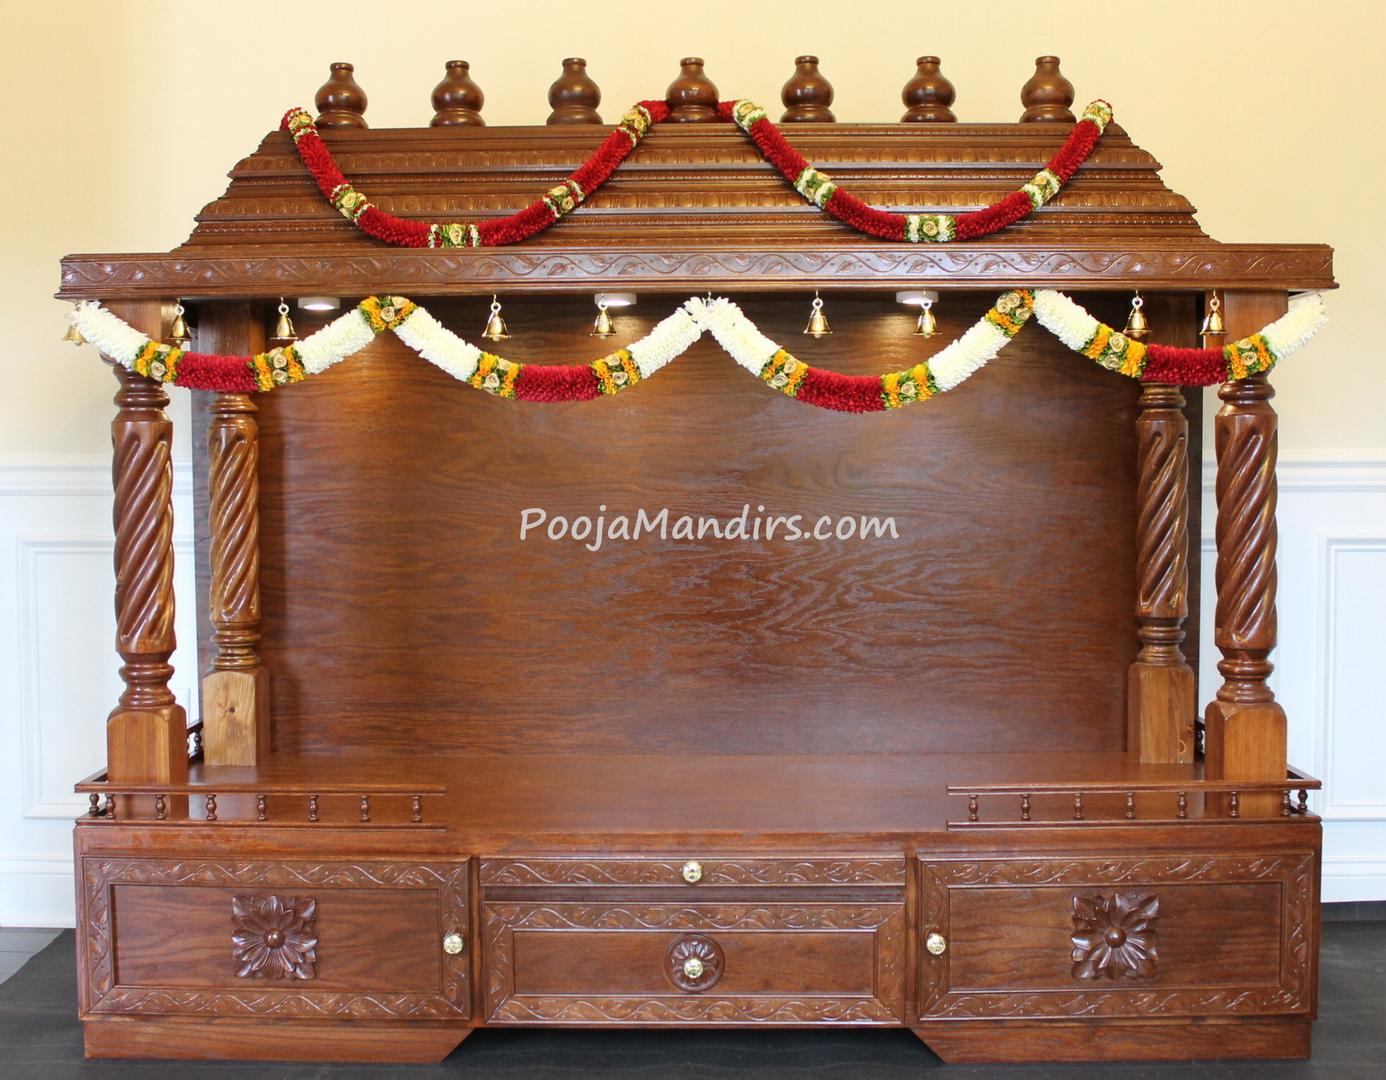 Pooja Mandirs USA - We Ship Our Pooja Mandirs All Over the USA